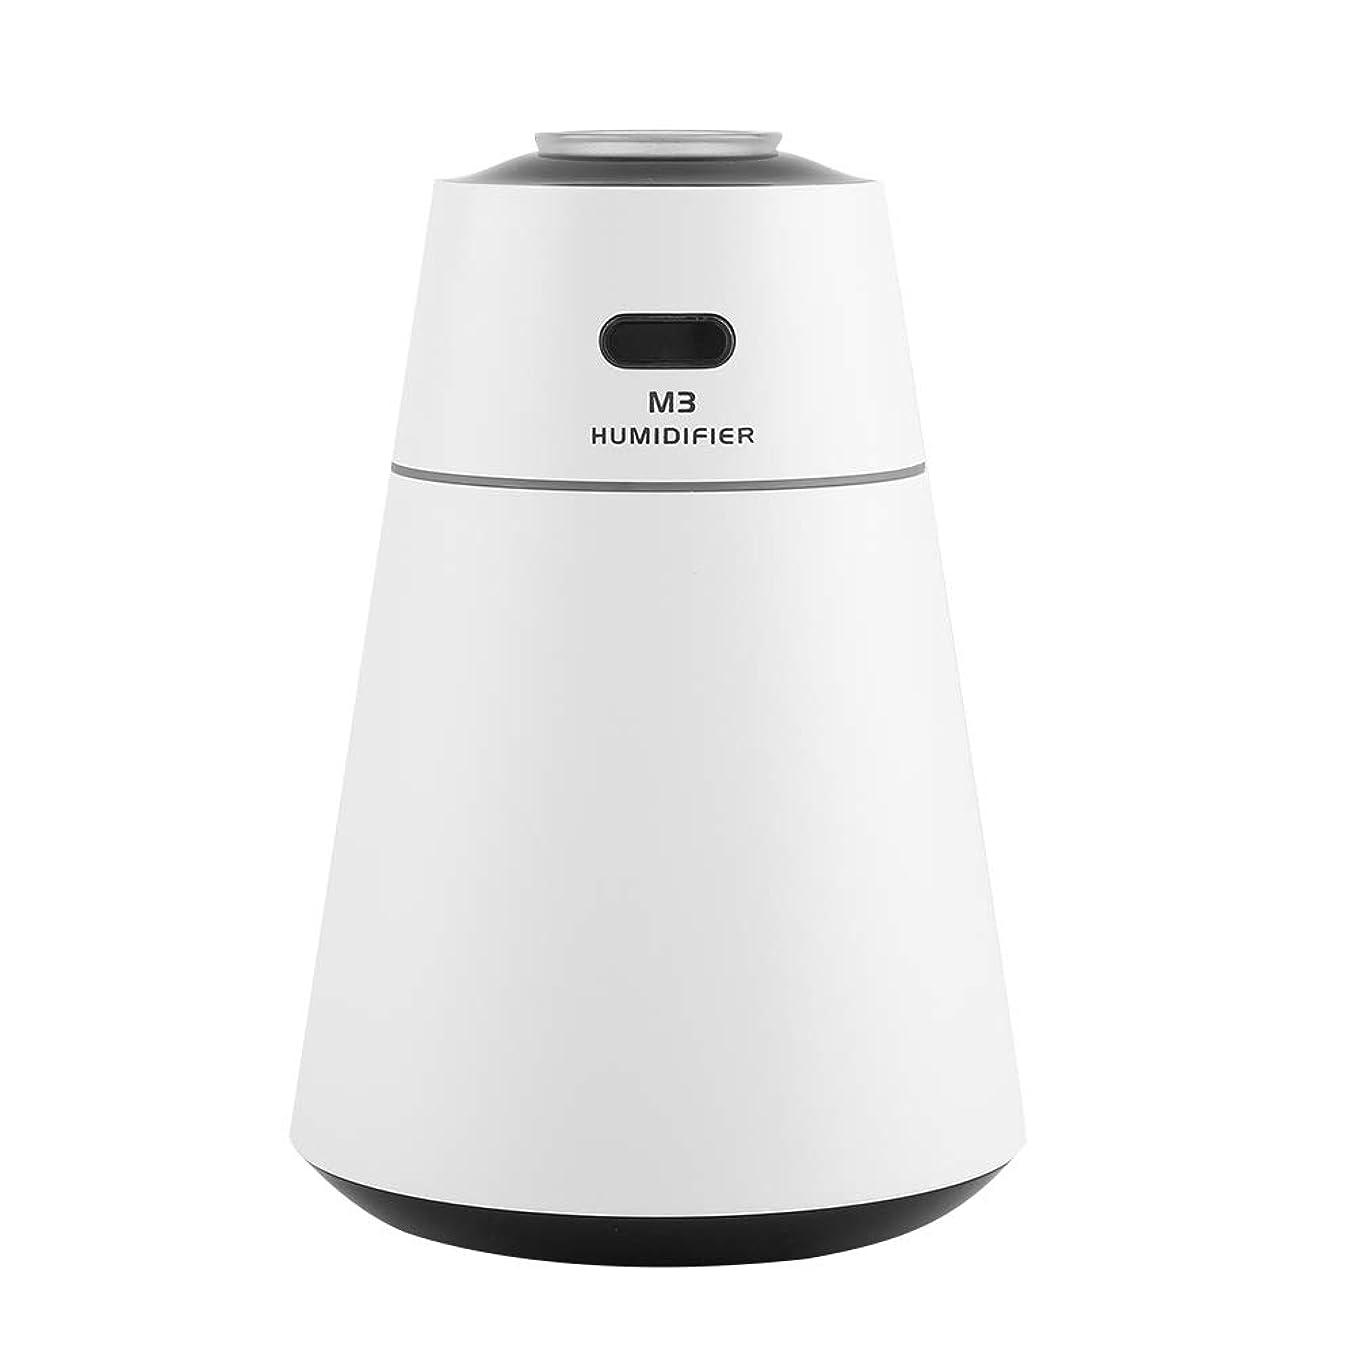 誘惑する並外れてキャリア投影の拡散器、オフィスの家のためのUSBの極度の超音波加湿器の拡散器7色の夜ライト(白)